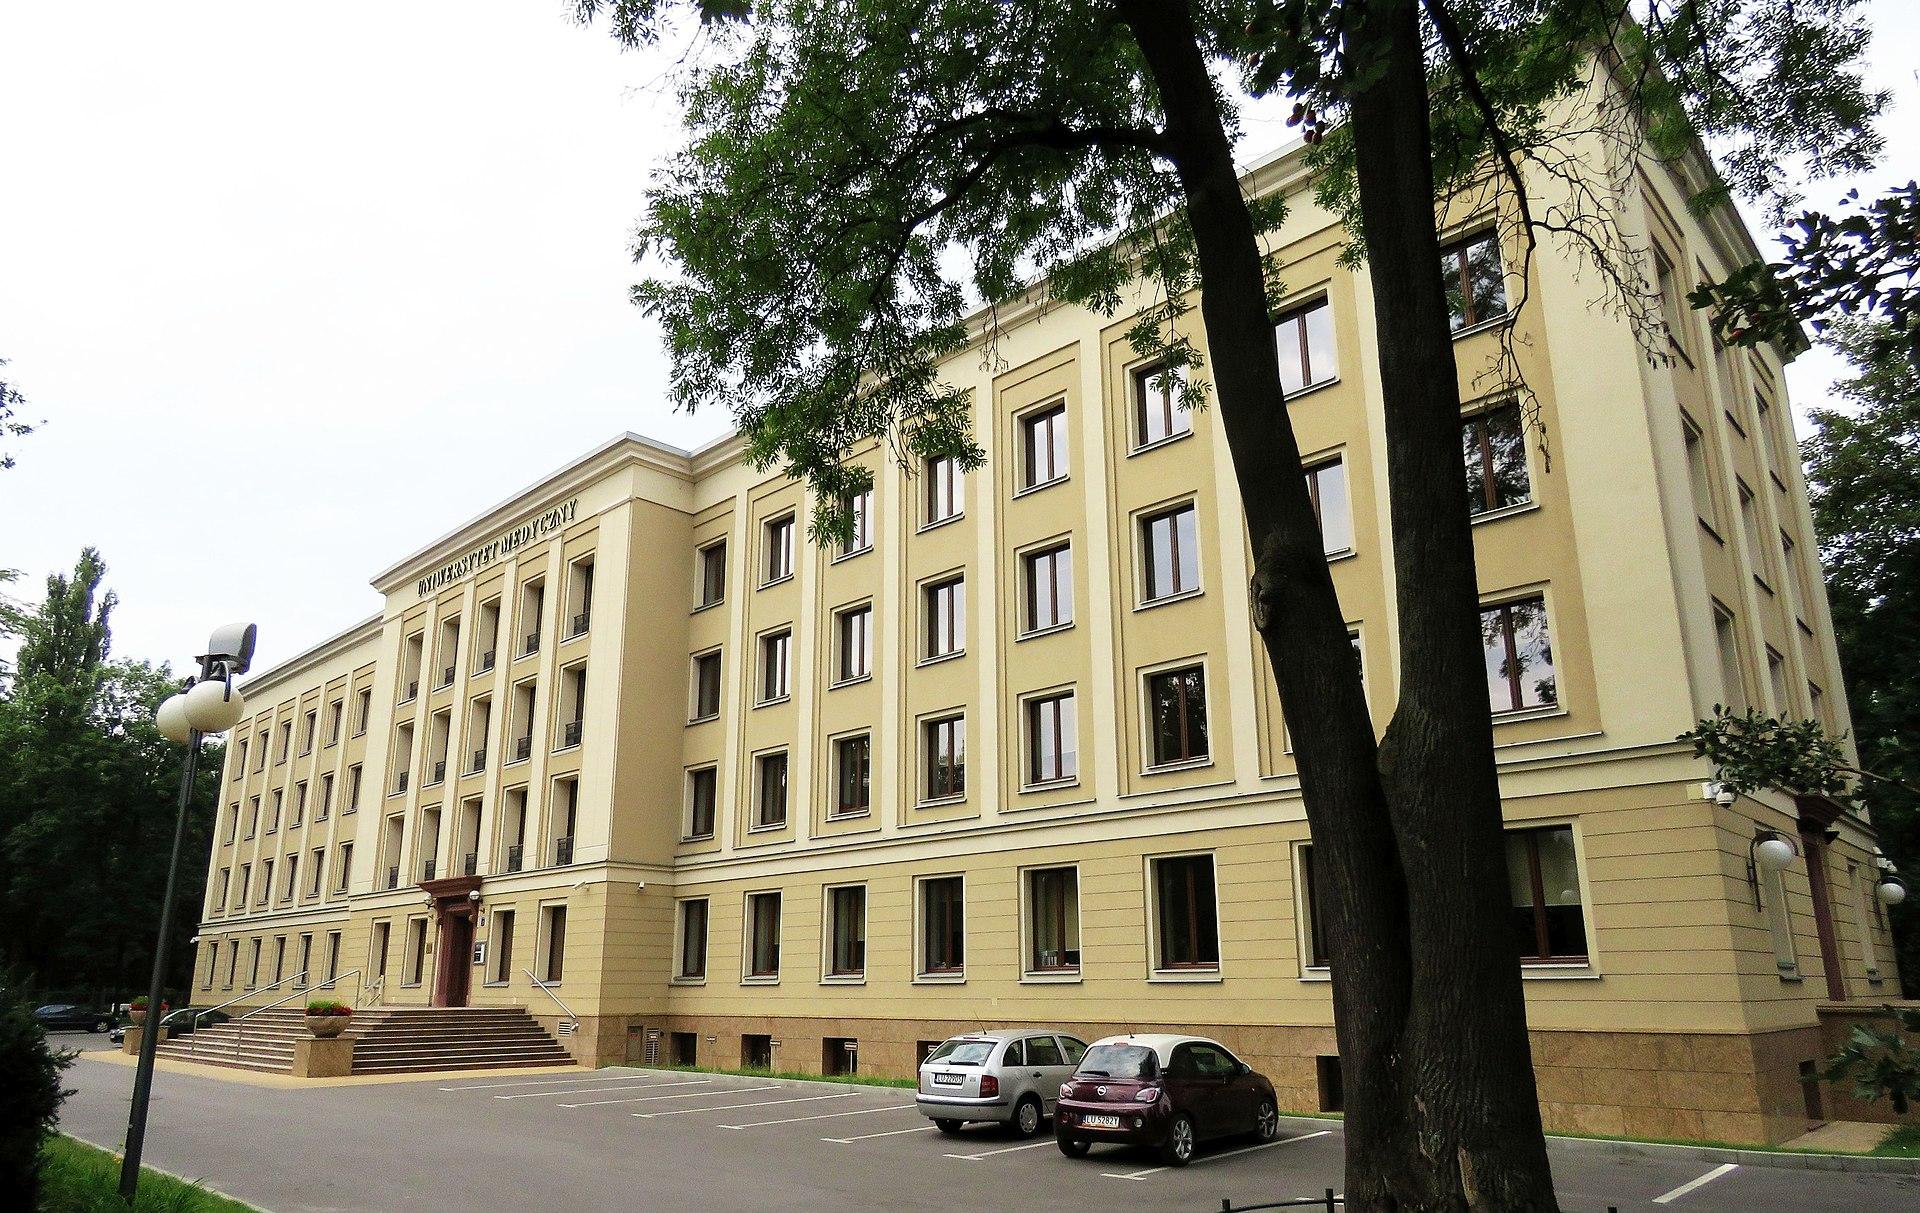 Uniwersytet Medyczny w Lublinie podsumowuje rekrutację. Kandydatów kilkaset więcej niż w ubiegłym roku - Zdjęcie główne